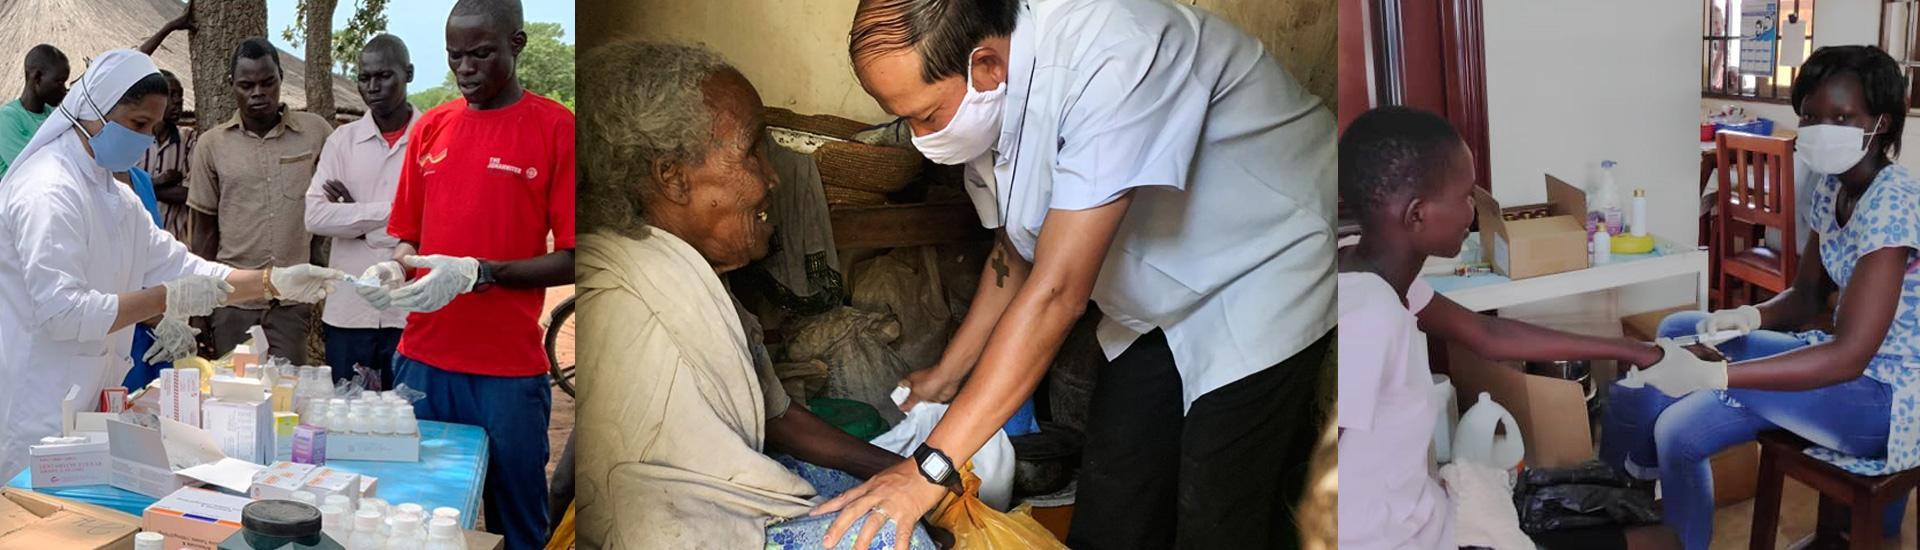 Día Mundial de la Salud. Un año de pandemia marcado por la incertidumbre y la desigualdad